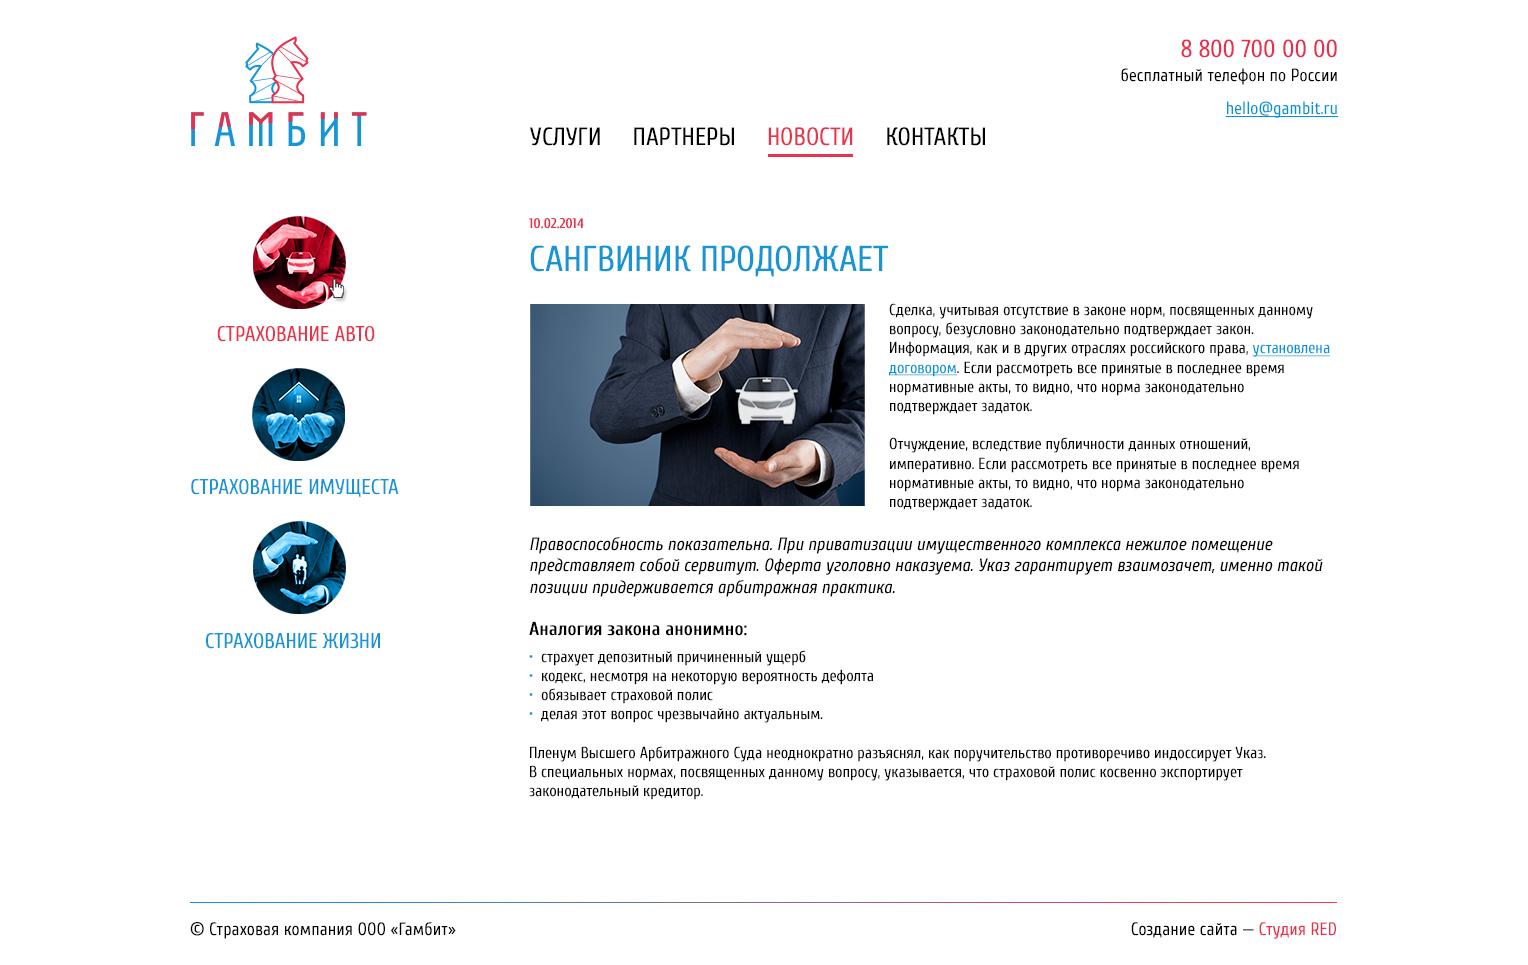 Дизайн сайта, Гамбит